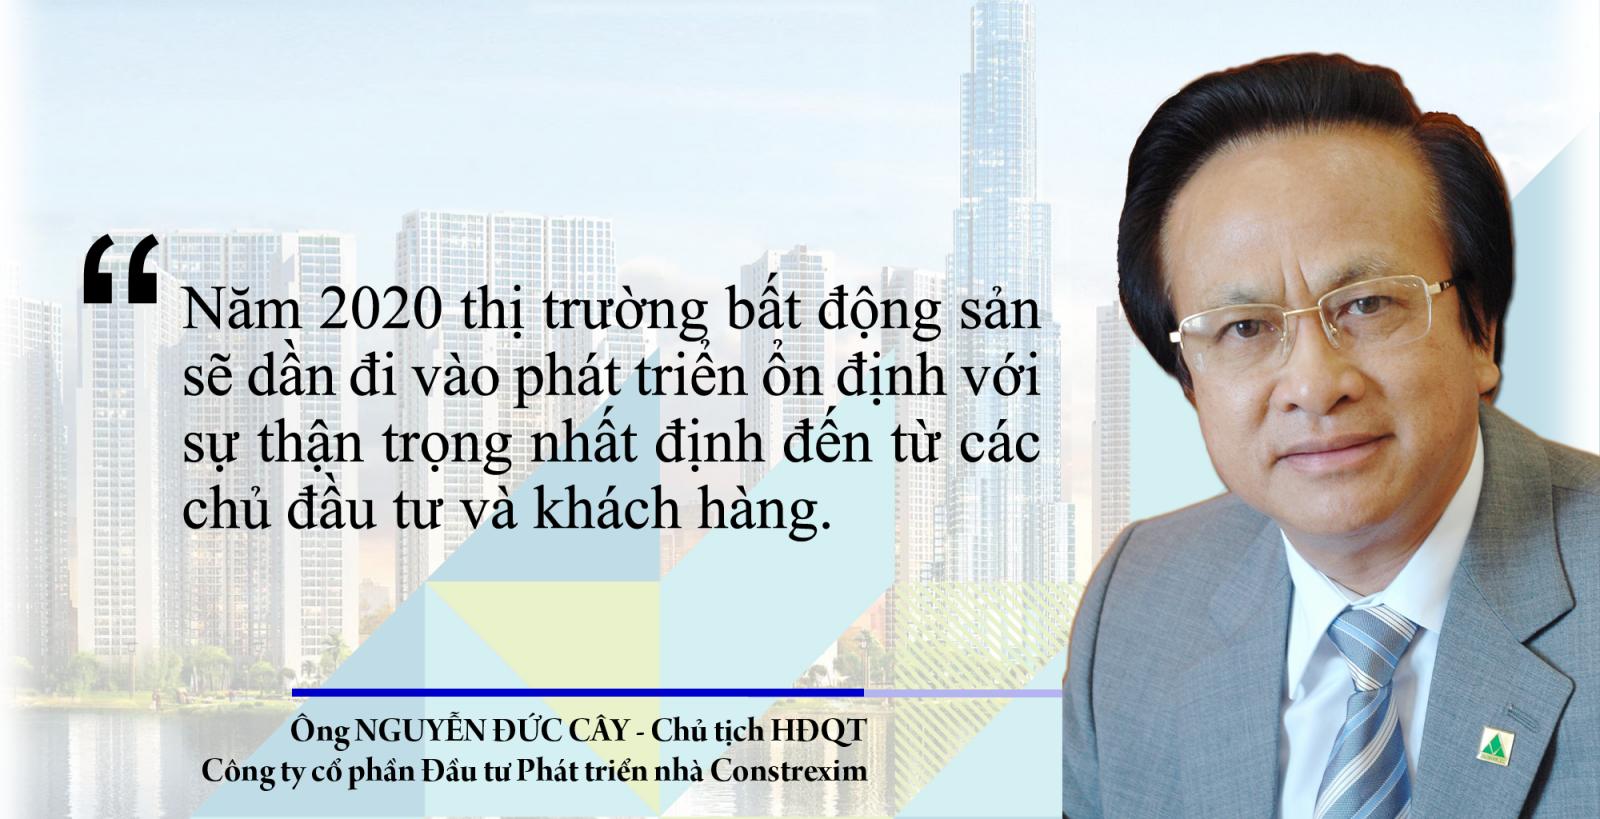 Chân dung người đàn ông trung tuổi, đeo kính trắng, mặc vest xám.  Dự cảm thị trường BĐS năm 2020 (Kỳ 1): Góc nhìn tích cực từ doanh nghiệp 20200110095605 f00c